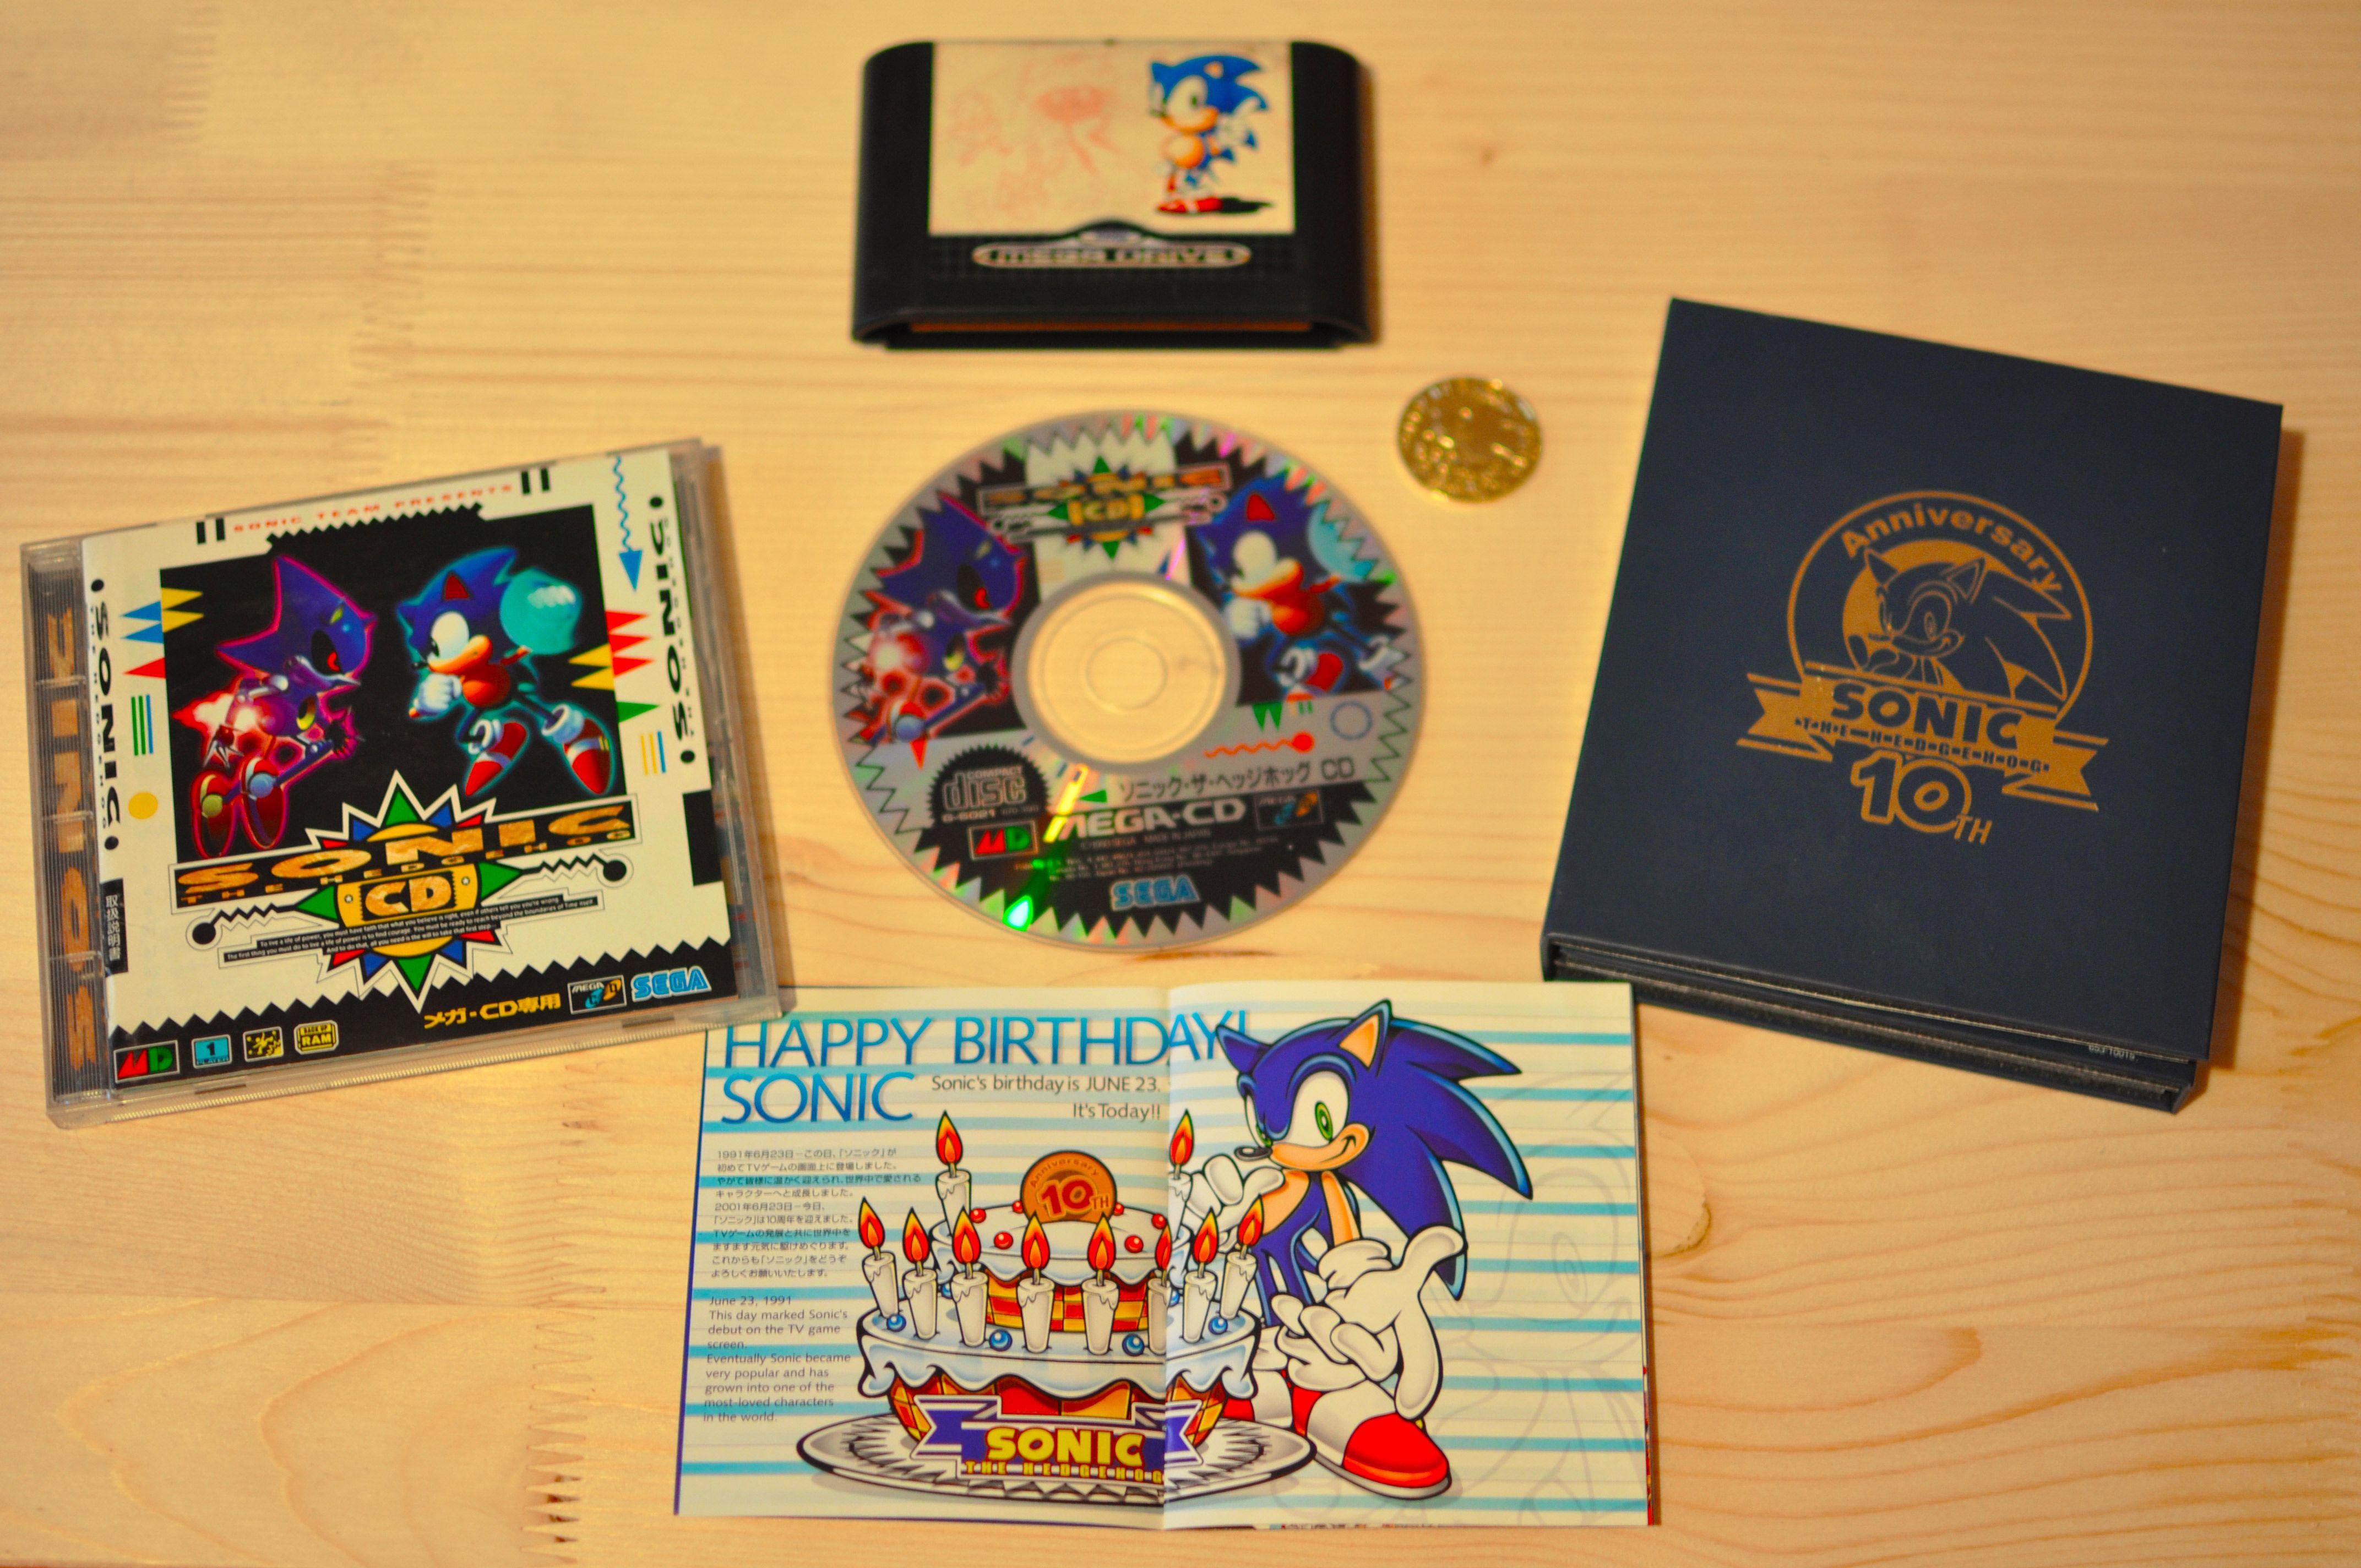 SEGACD - SONIC-CD.jpg